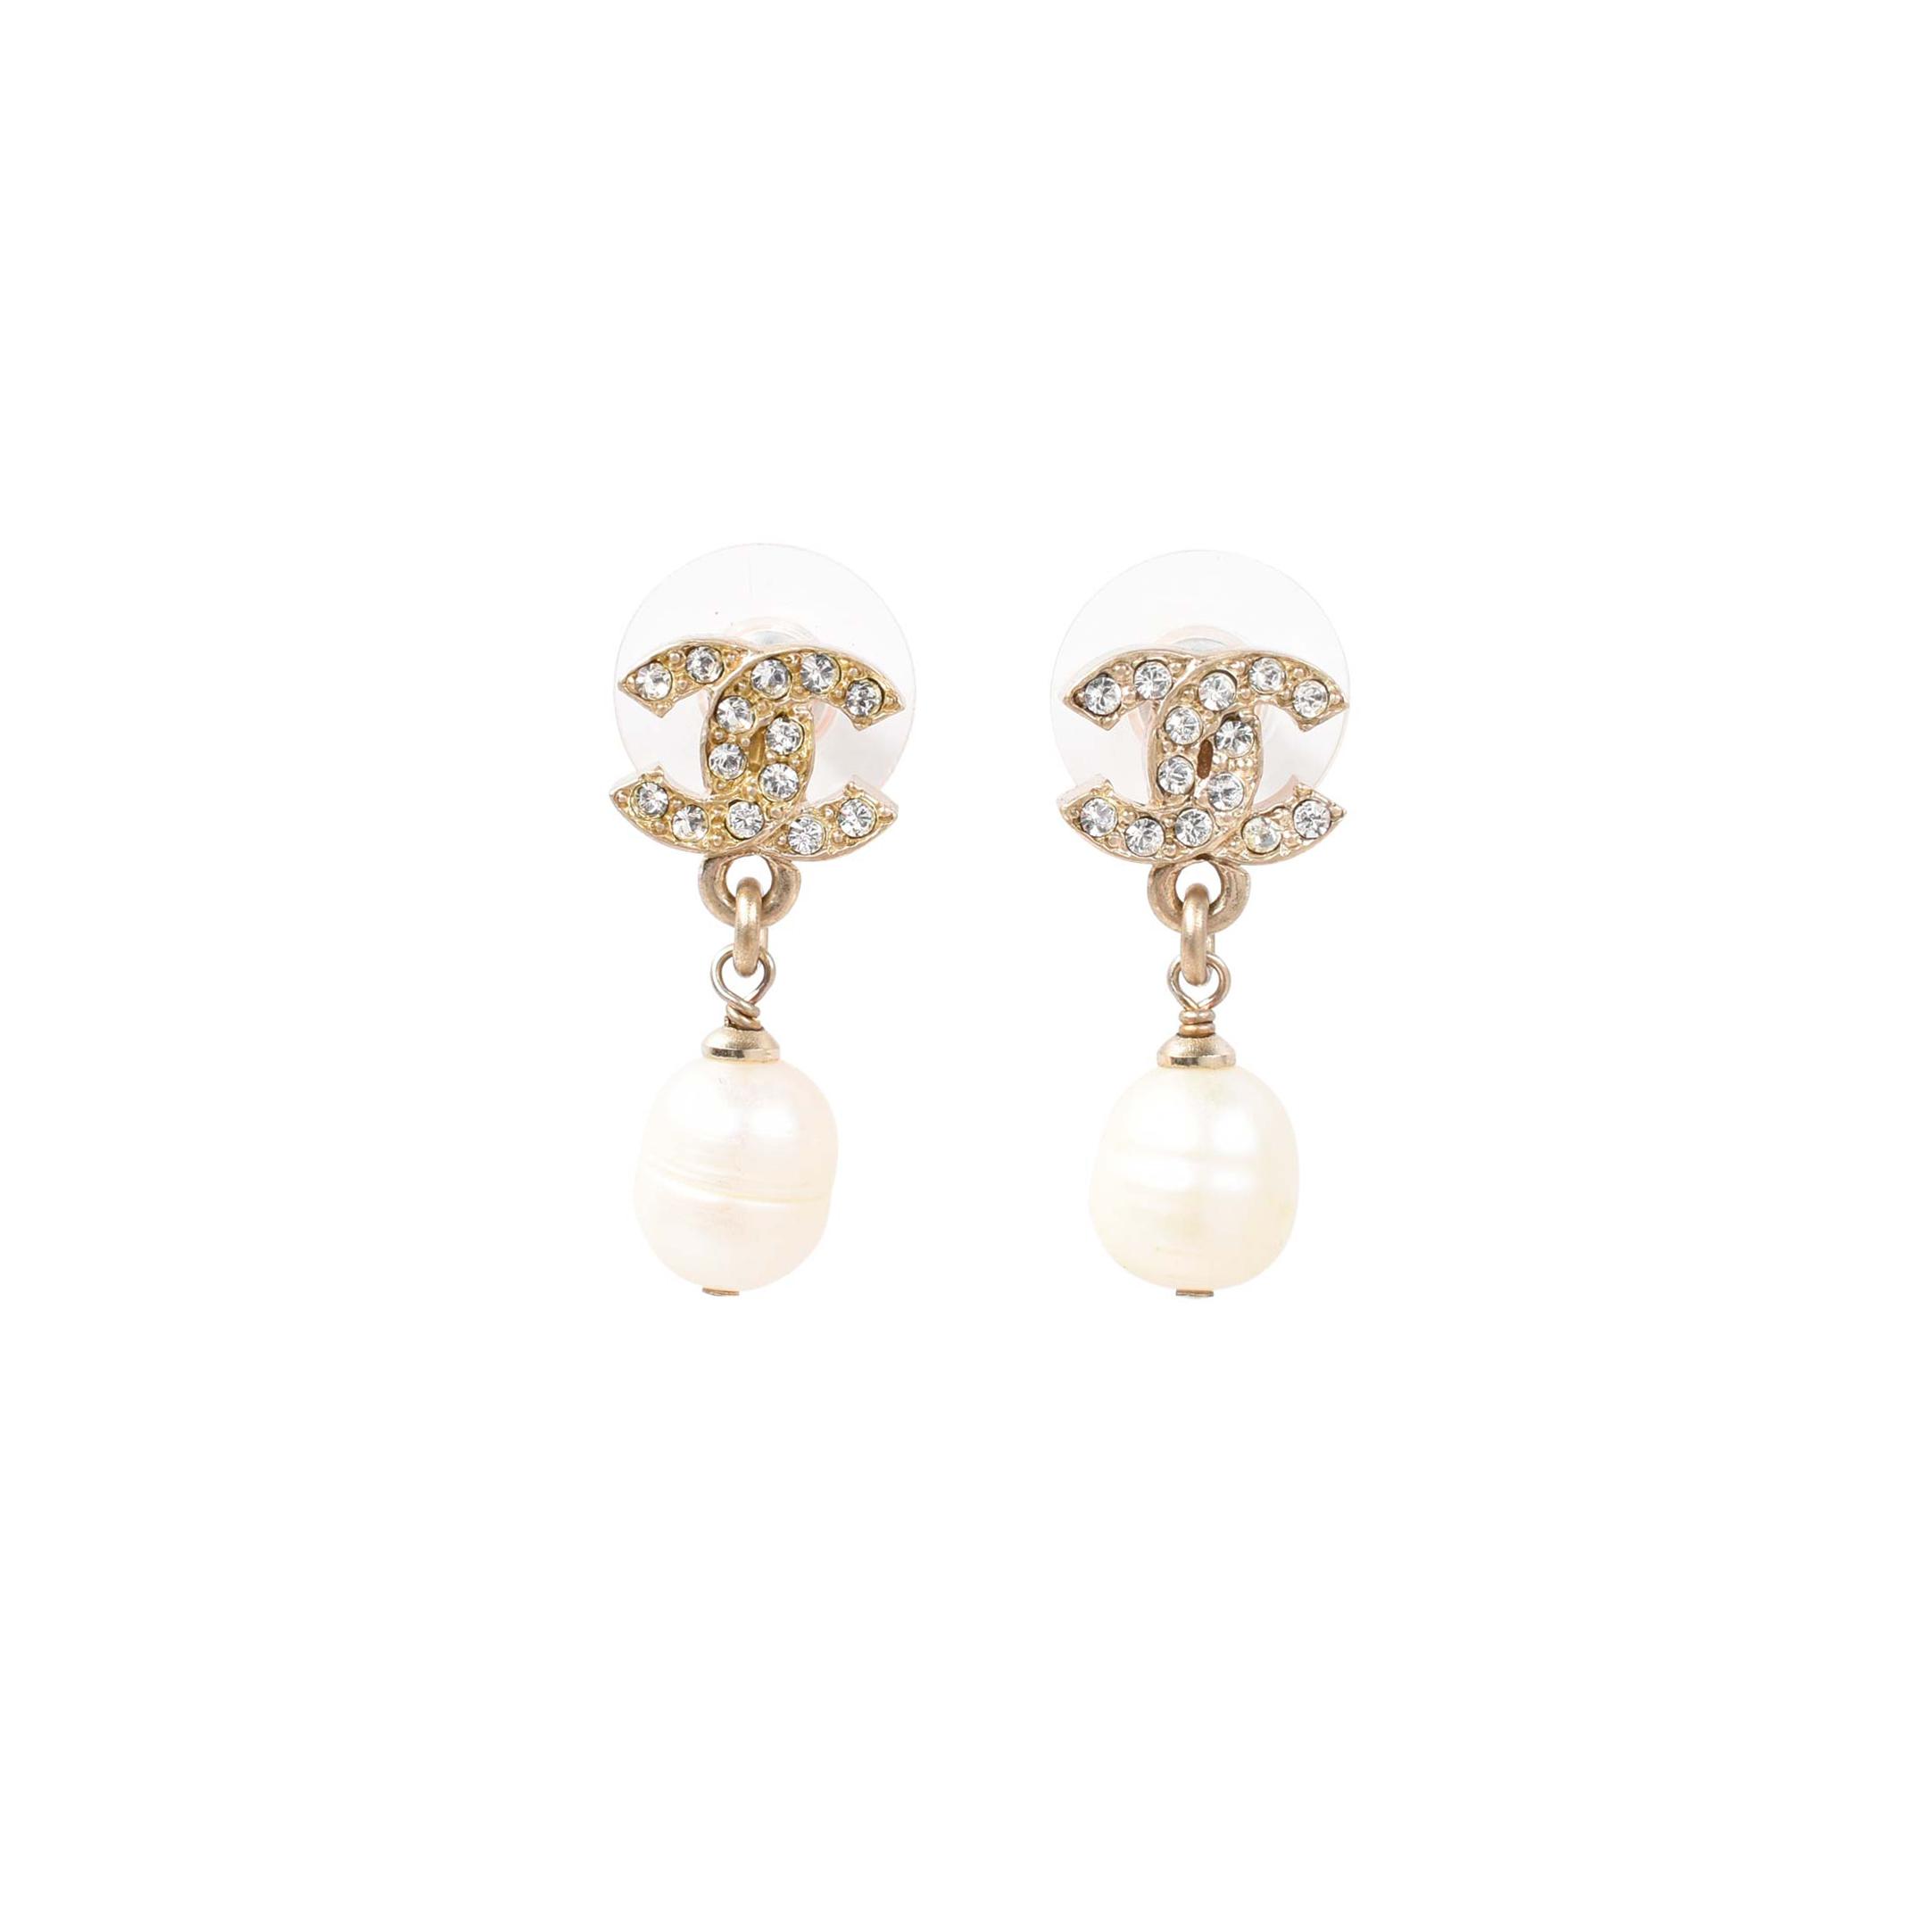 64f3cd49 Chanel Pearl Earrings - The Best Produck Of Earring